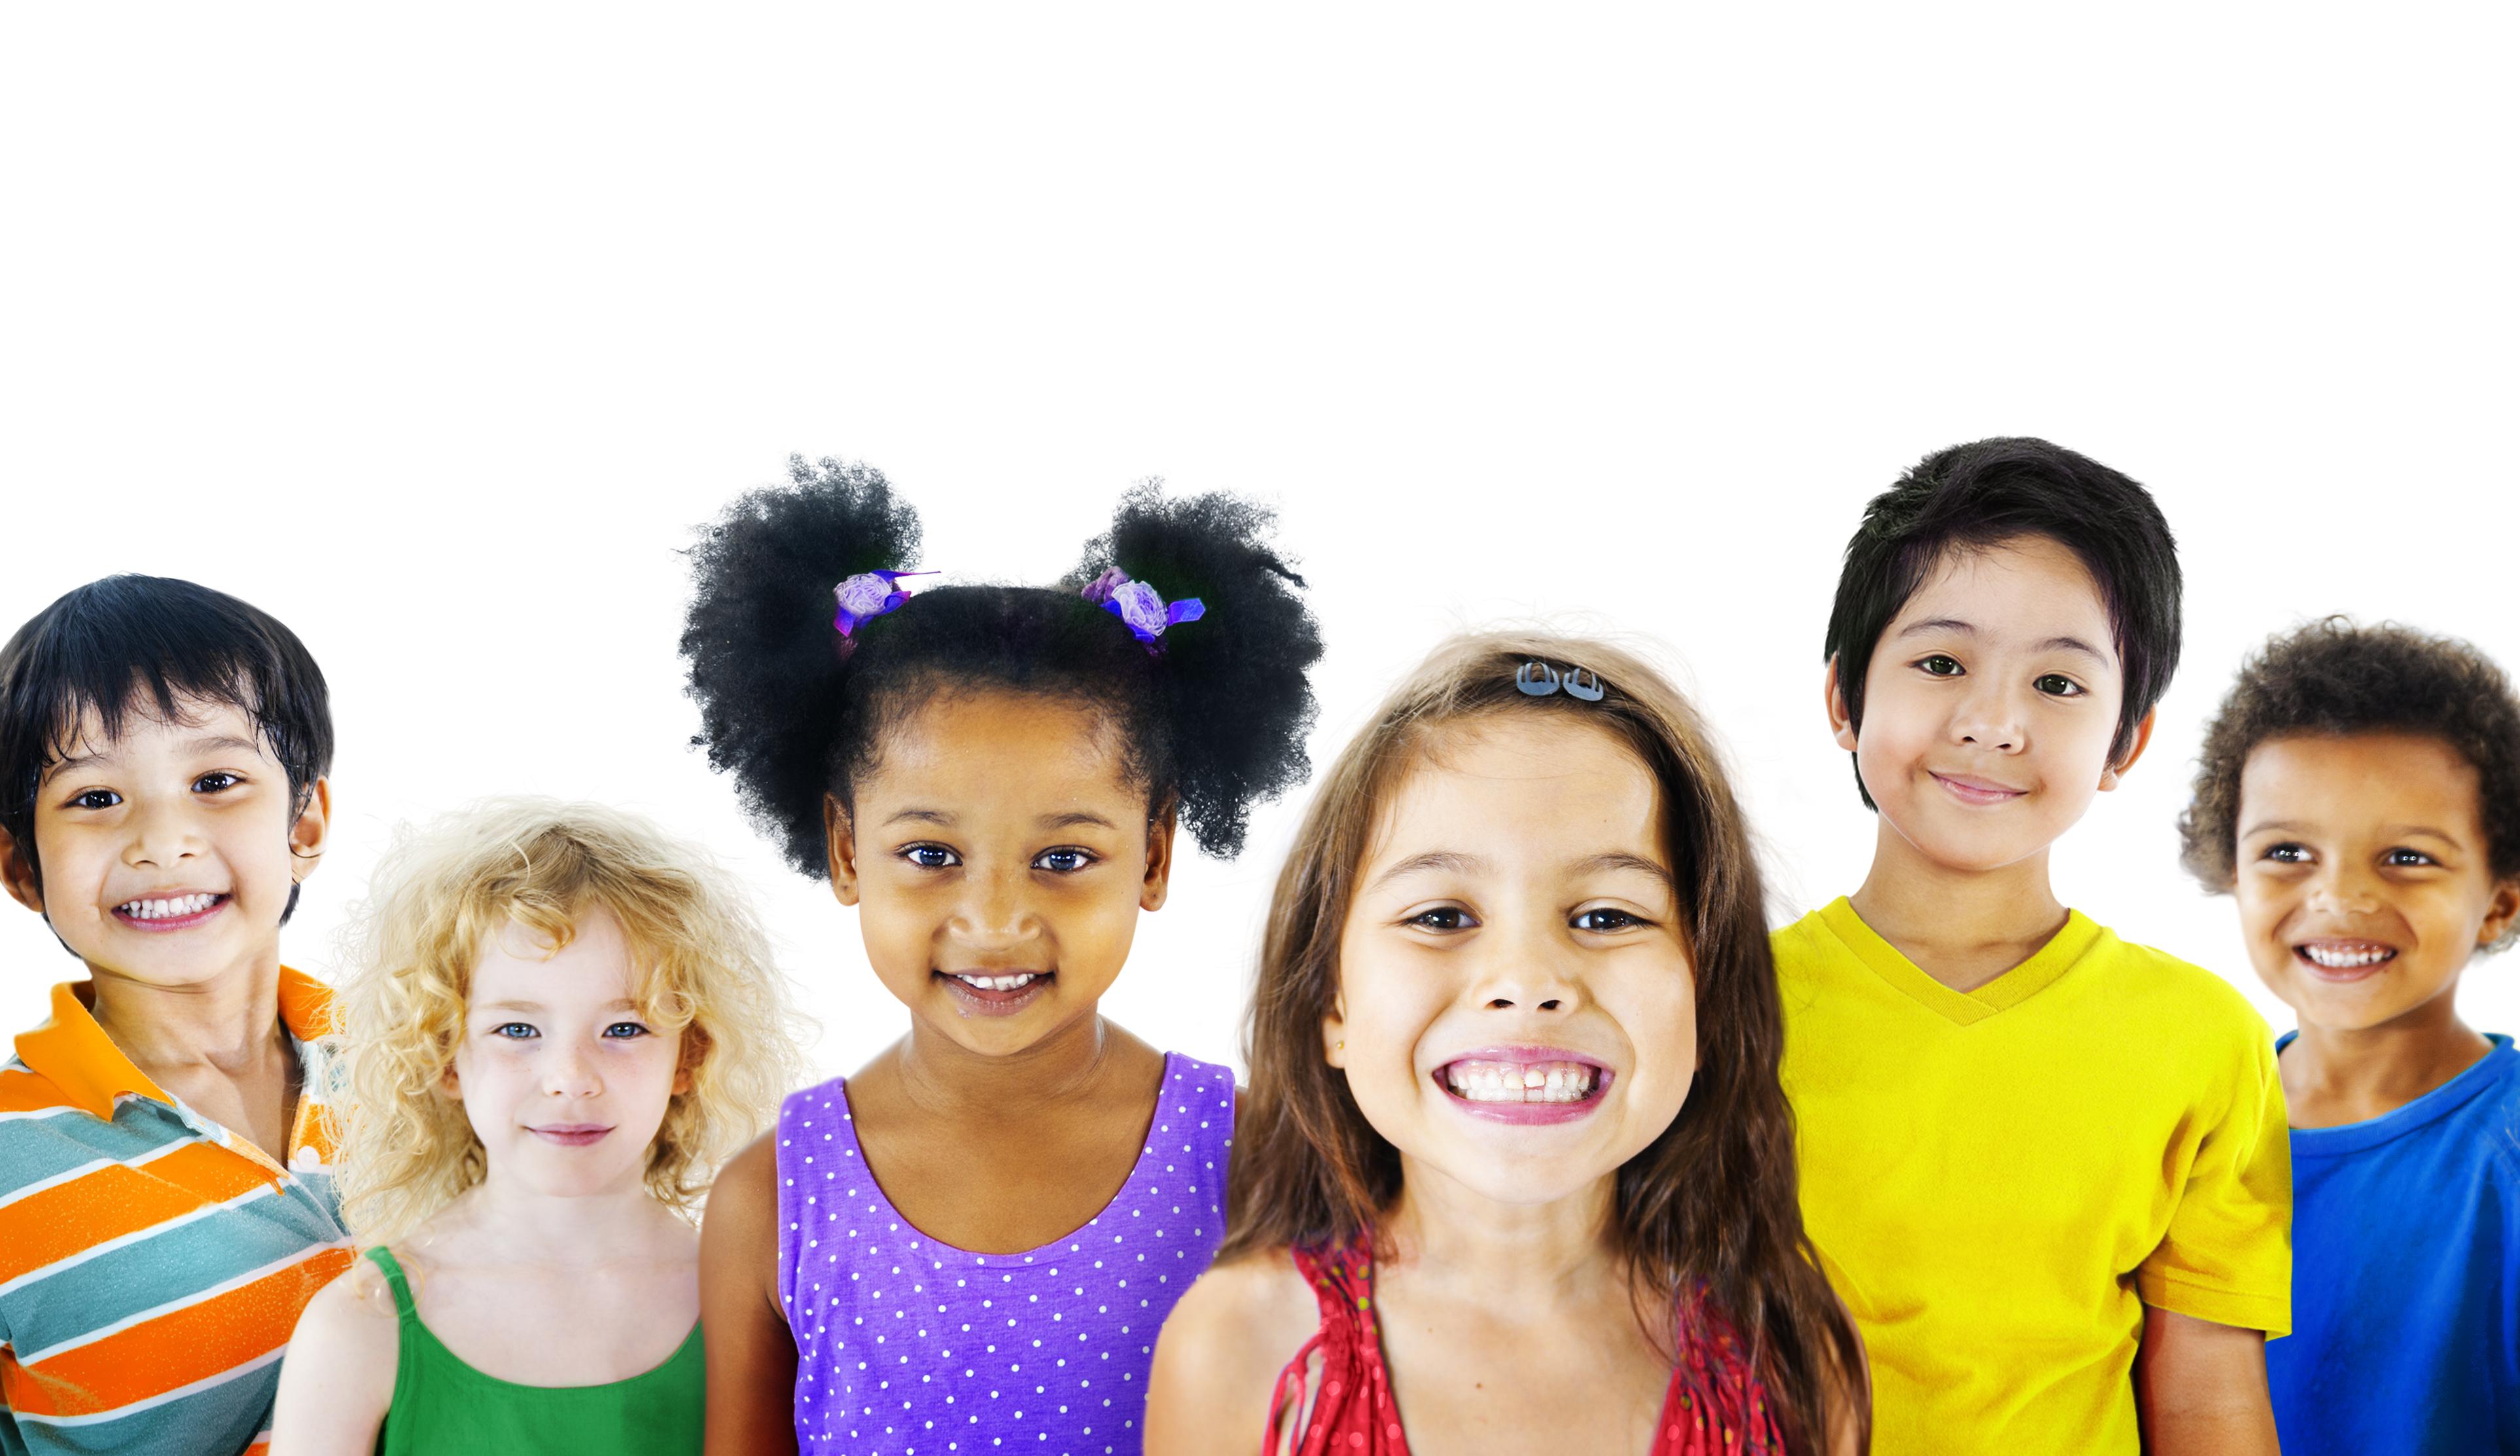 Çocukları Ödev Yapmak Konusunda Zorlamayın